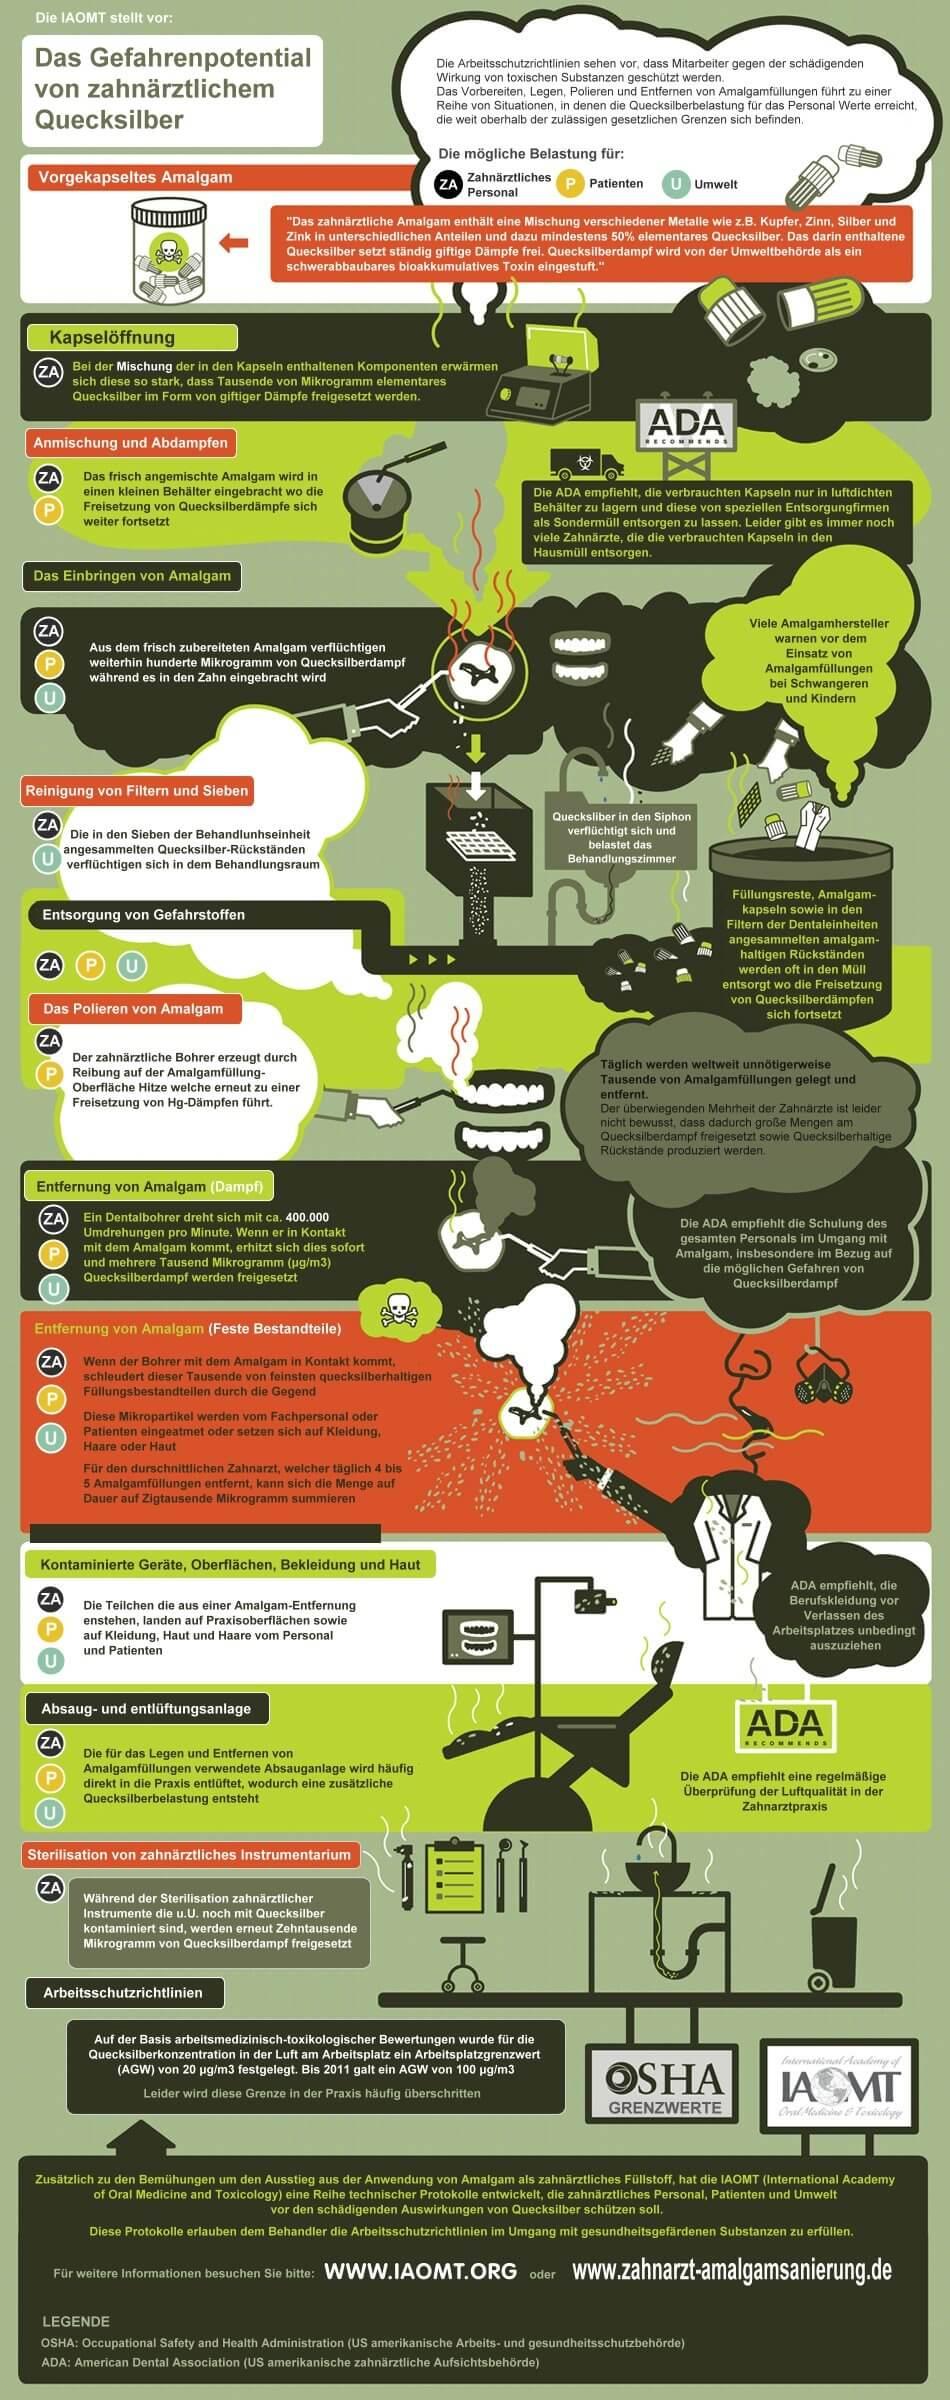 Infografik Gefahrenpotential Quecksilber, Der Weg des Quecksilbers in der Zahnarztpraxis